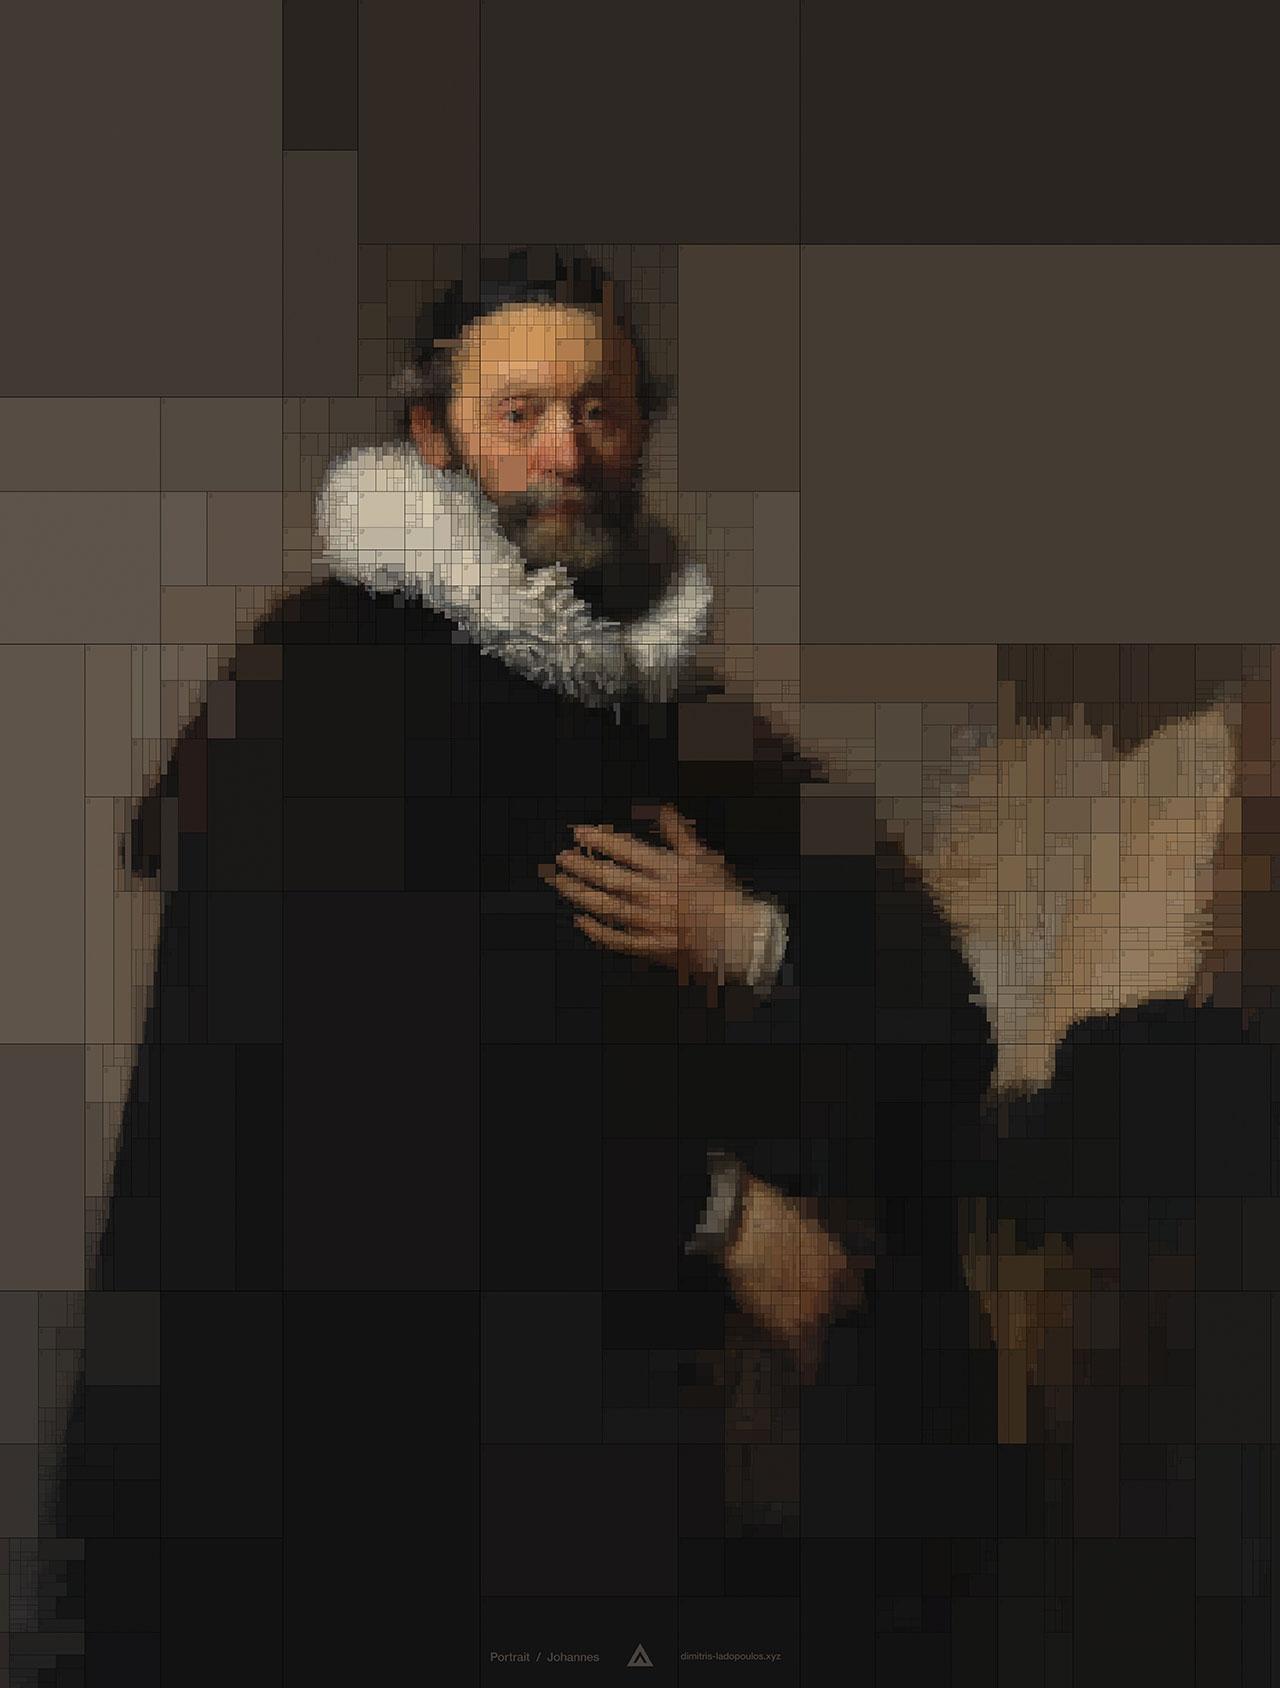 Johannes, from Portraits series by Dimitris Ladopoulos (Original painting -Portrait of Johannes Wtenbogaert by Rembrandt Harmensz van Rijn, 1633).